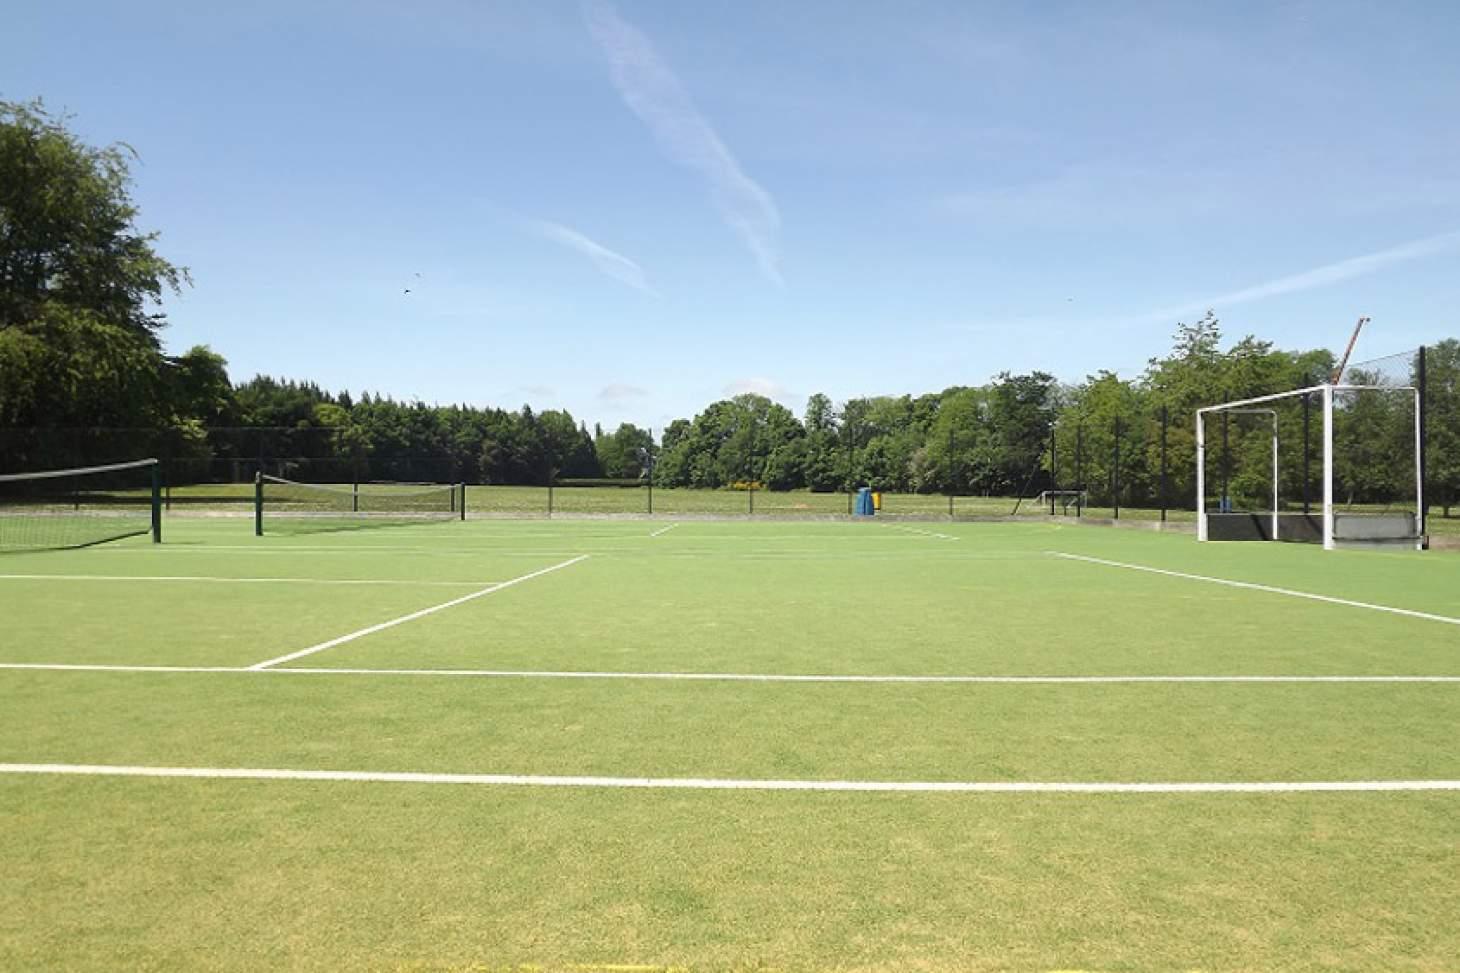 Dr Challoner's High School Outdoor   Astroturf tennis court